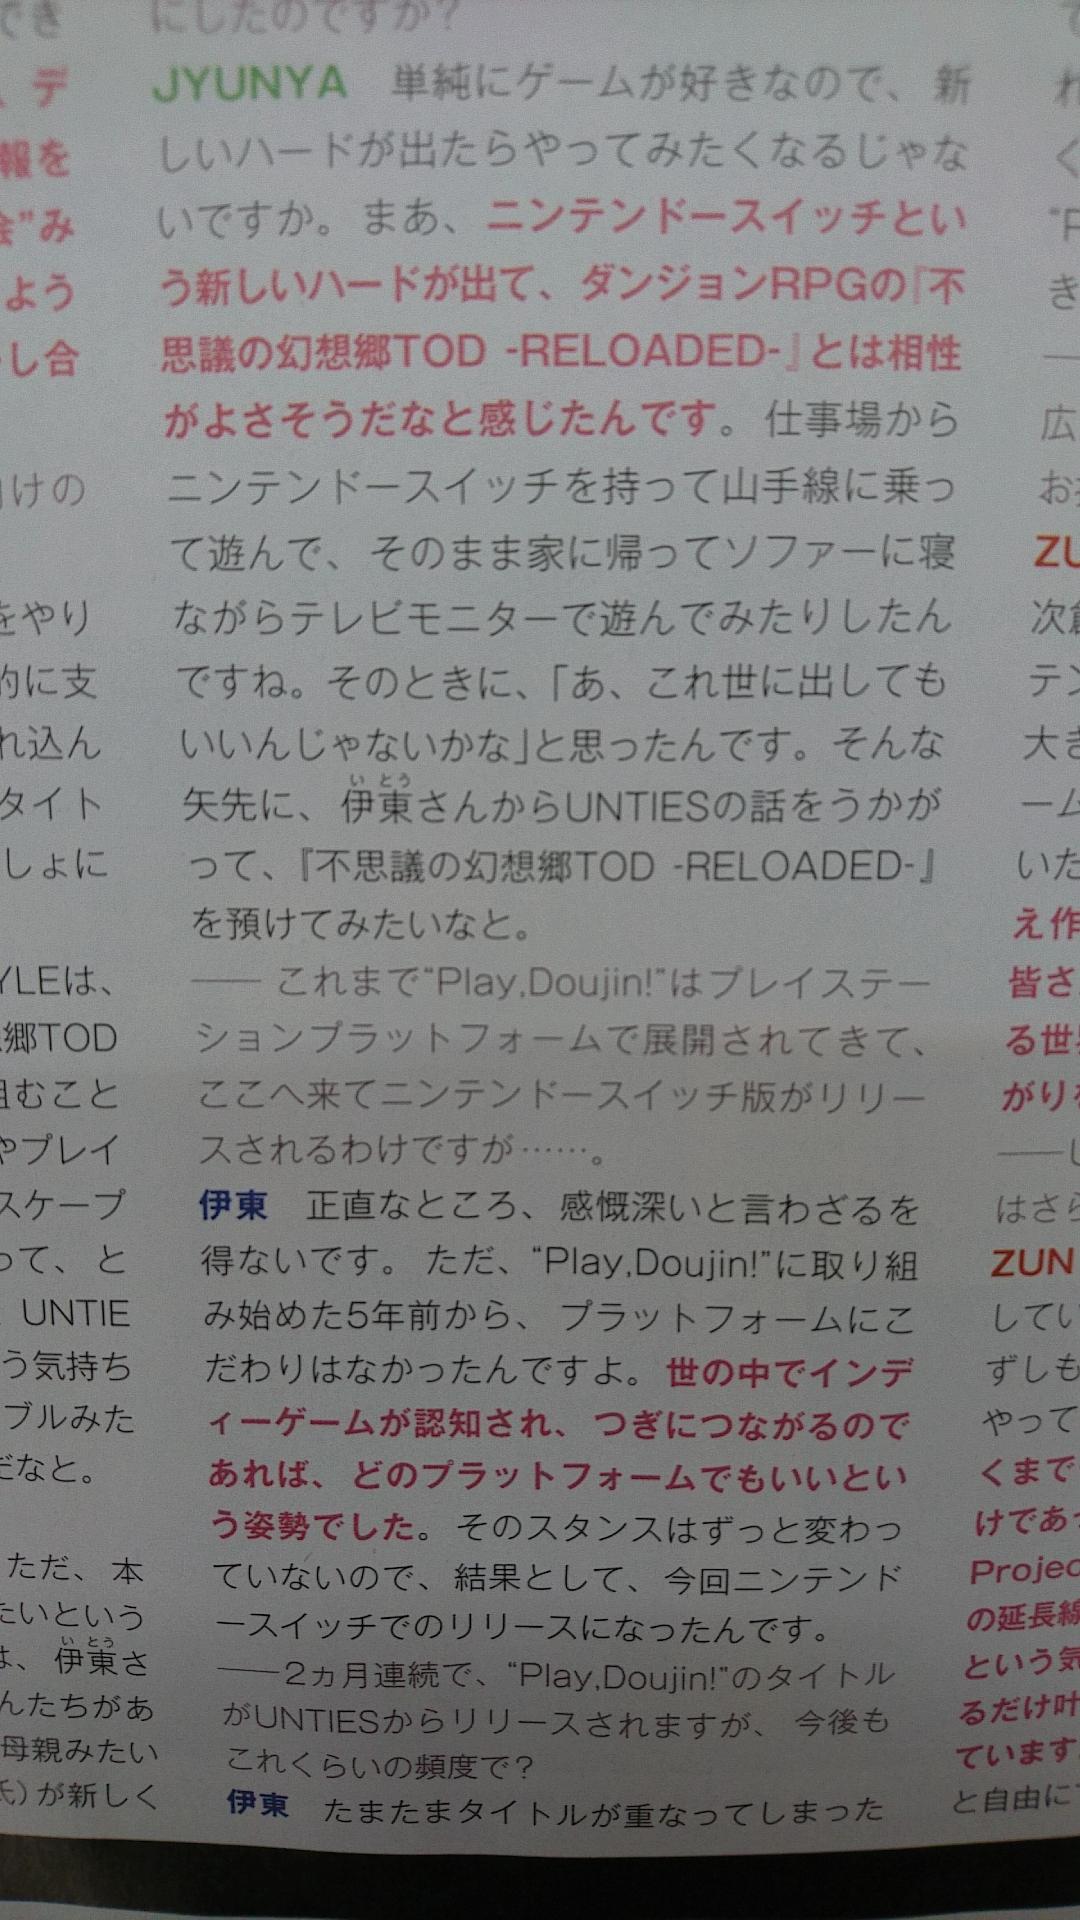 aiL3JA2WUE93e - UNTIES(ソニー)「プラットフォームに拘りは無い、Switchで出せたのは感慨深い」